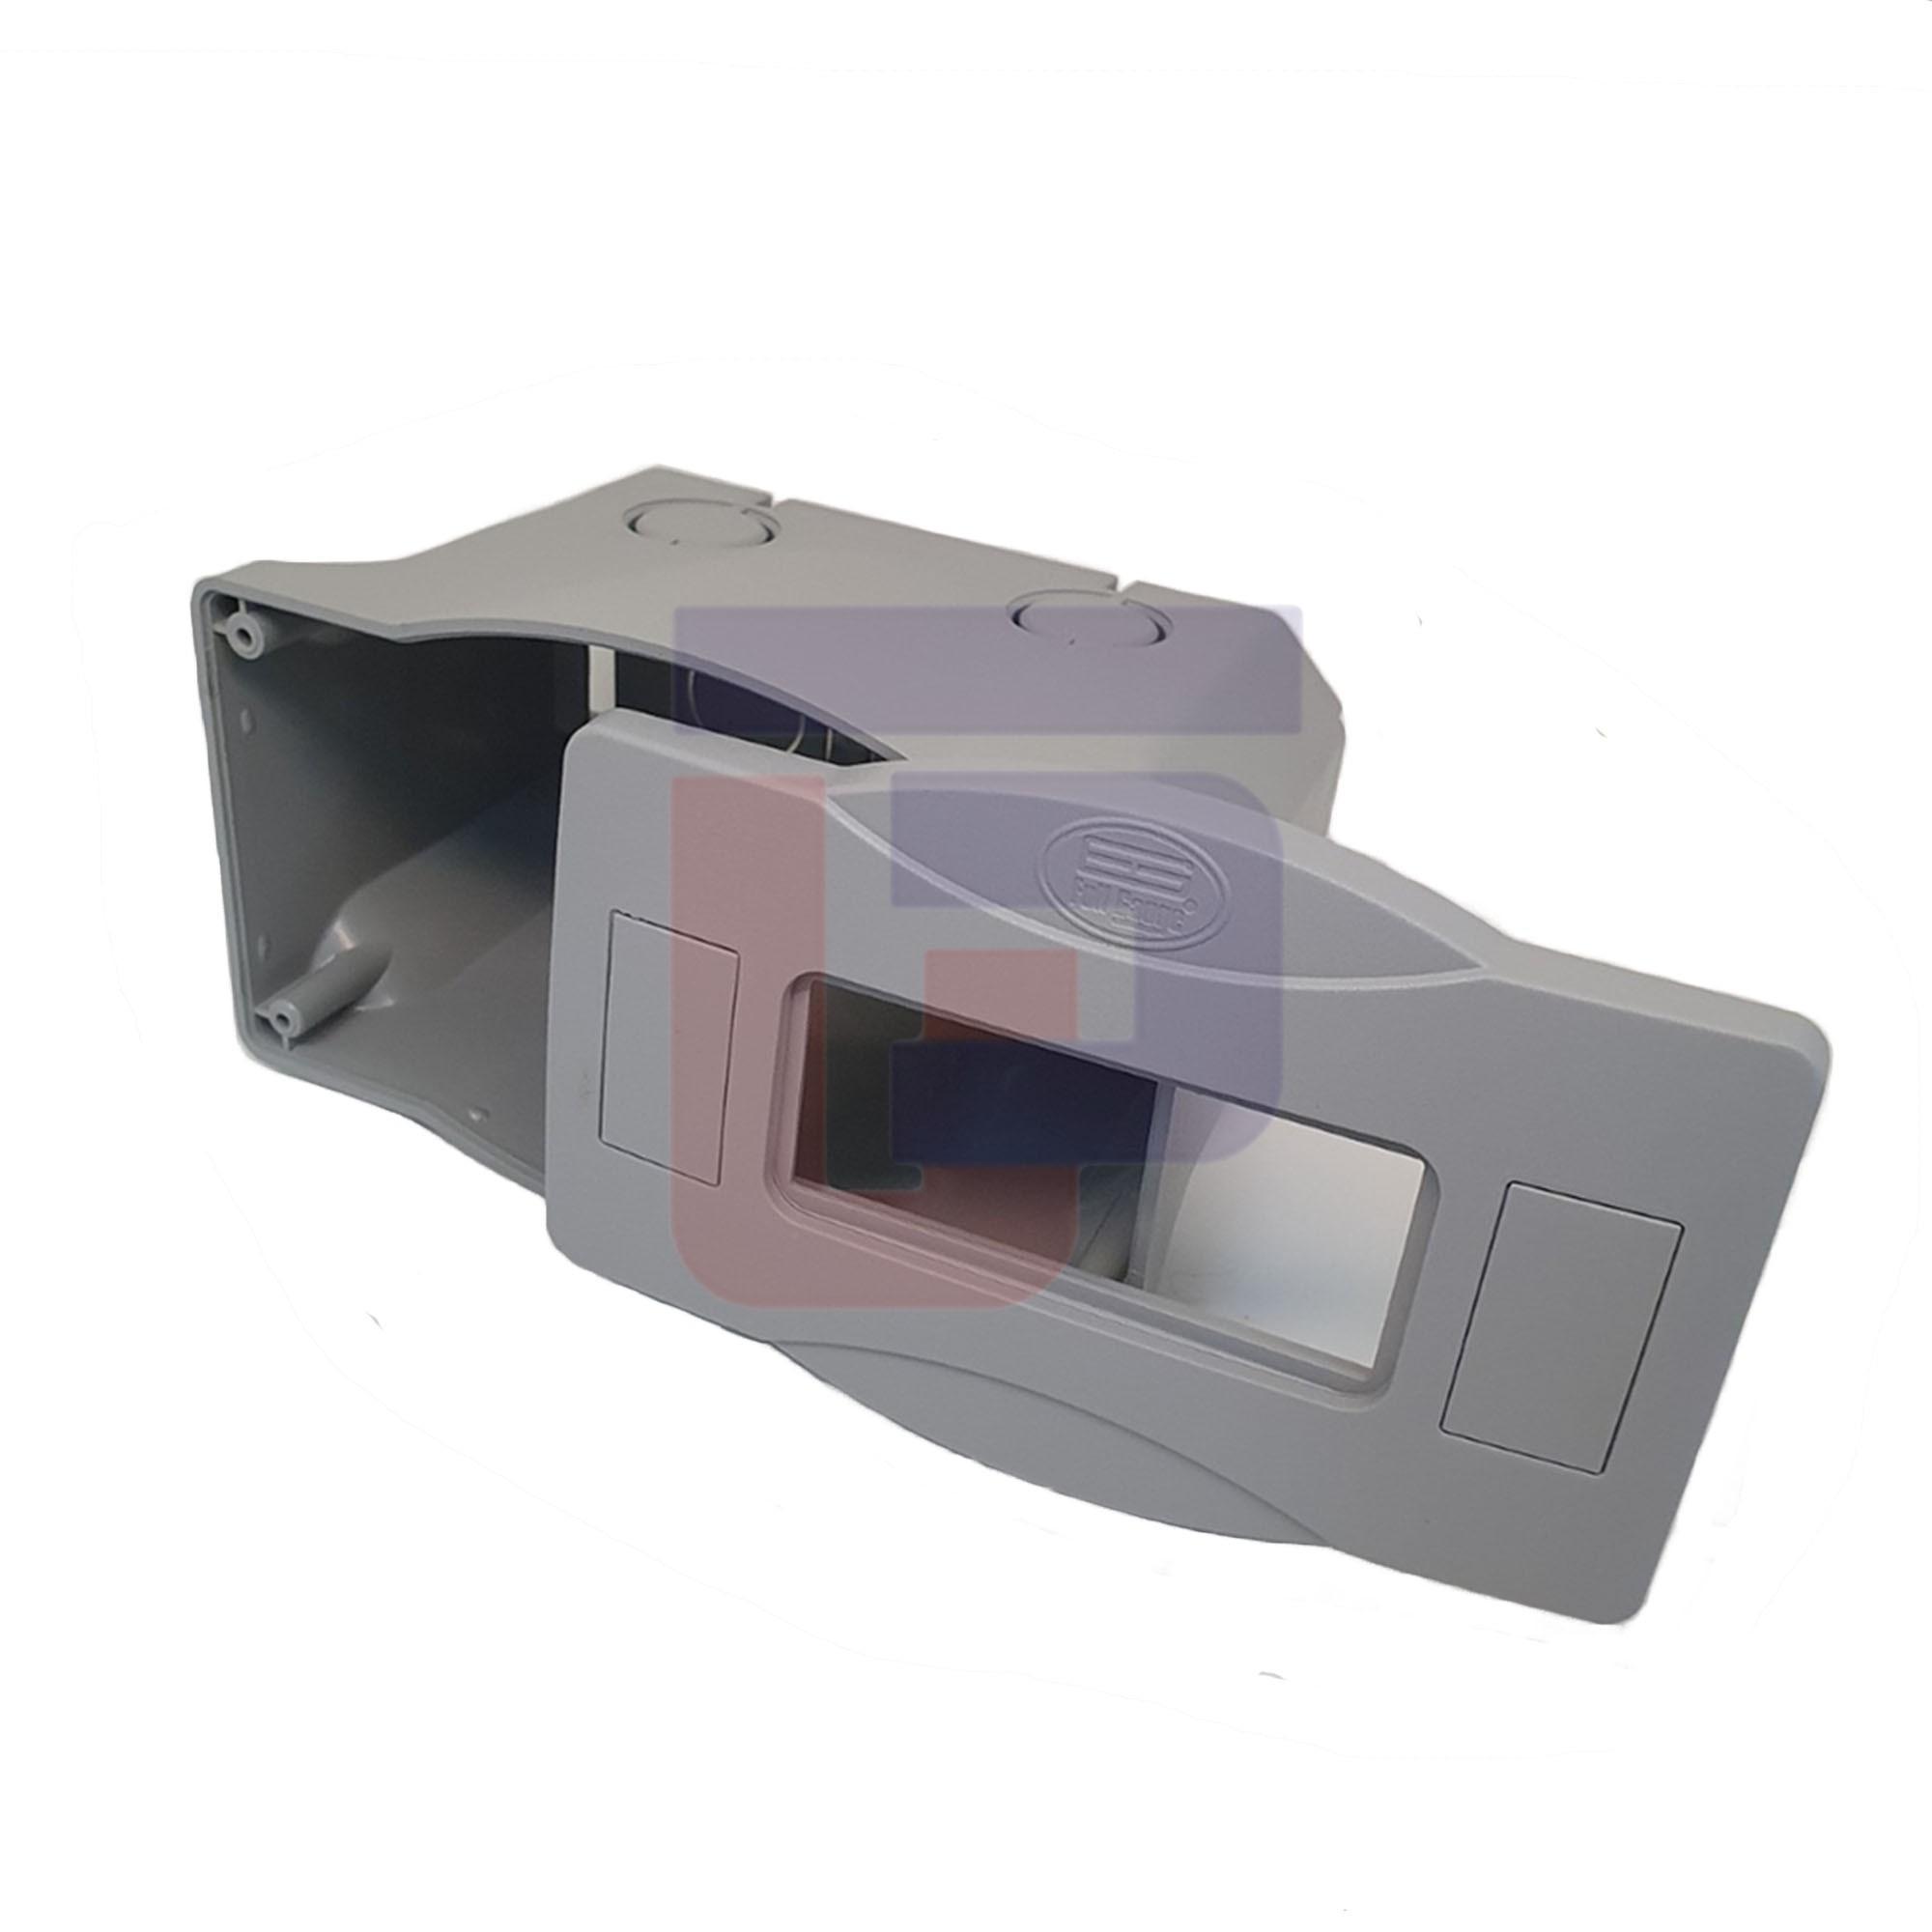 Gabinete de Sobrepor GB-01 s/ chaves